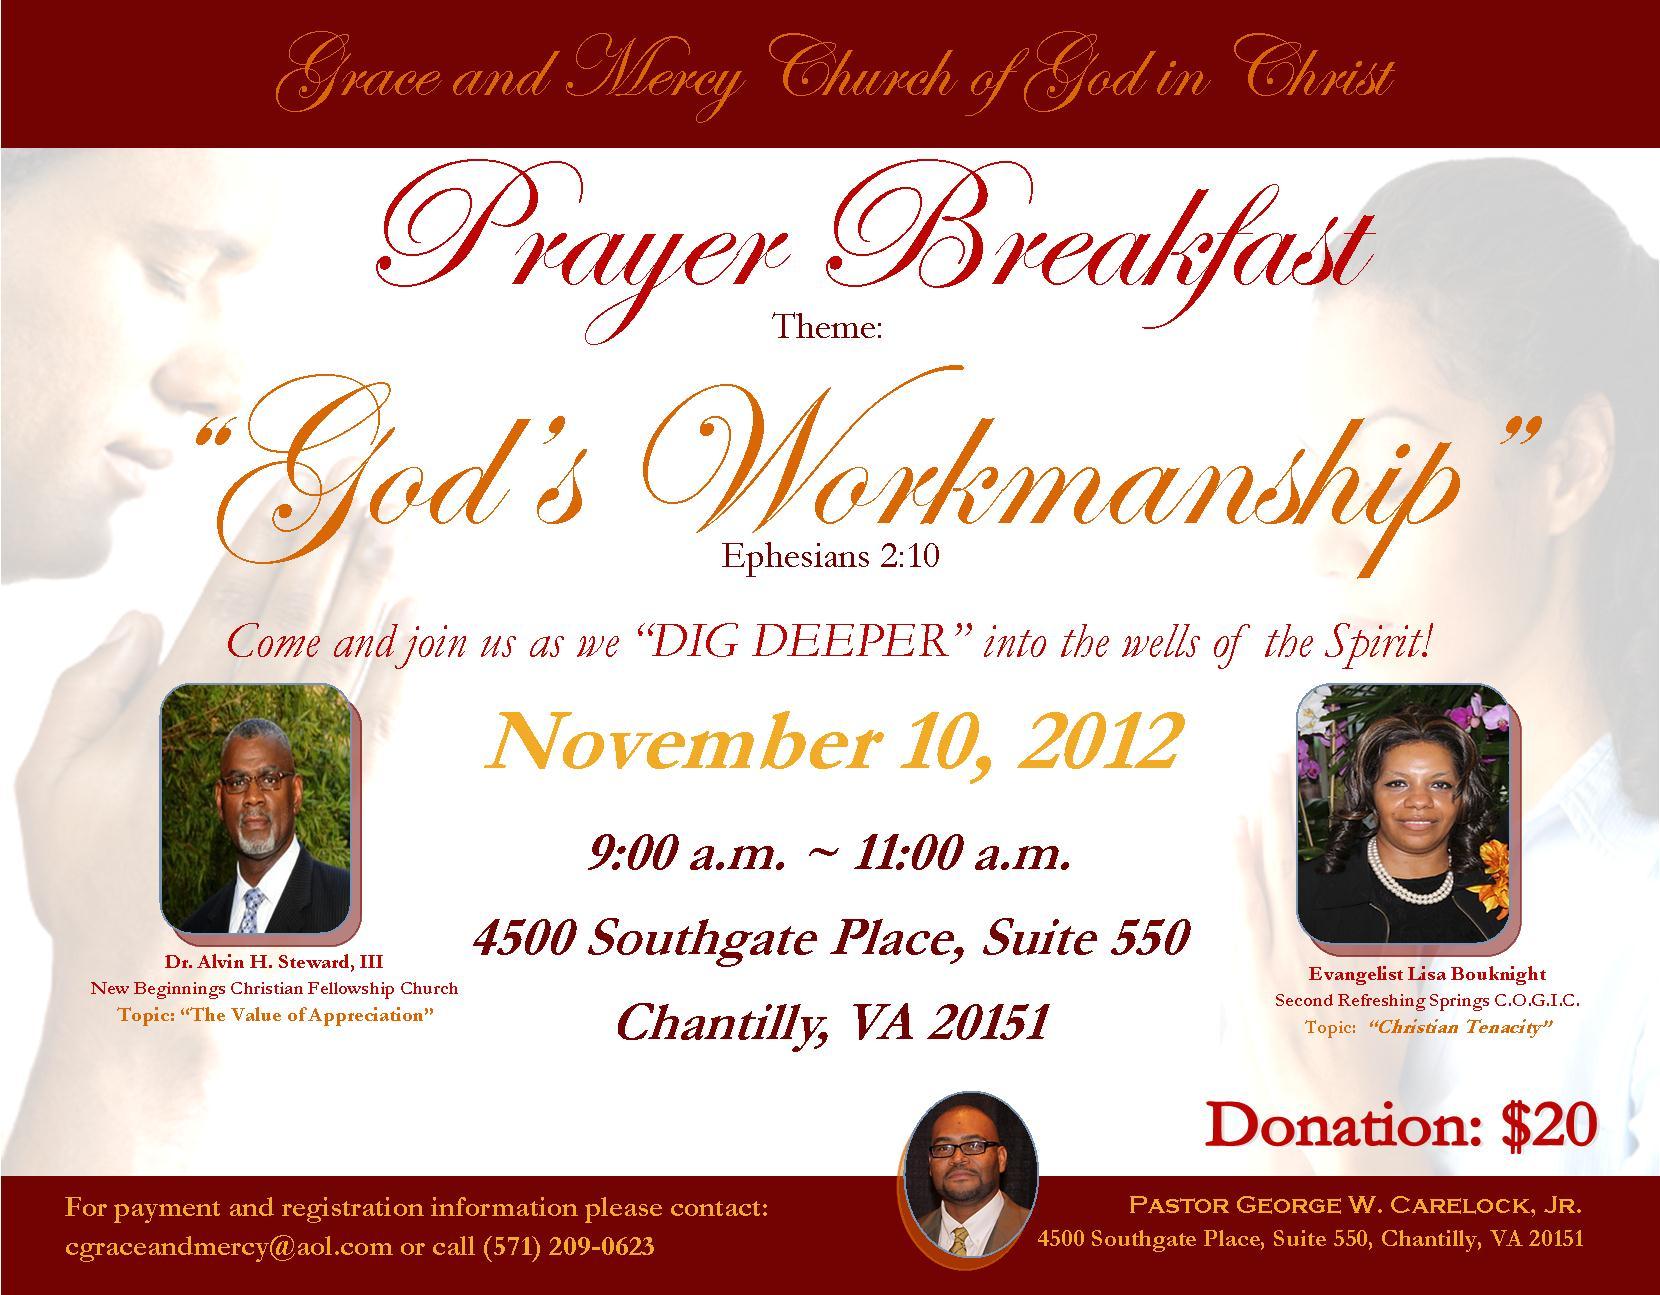 Prayer Breakfast Invitation Sample